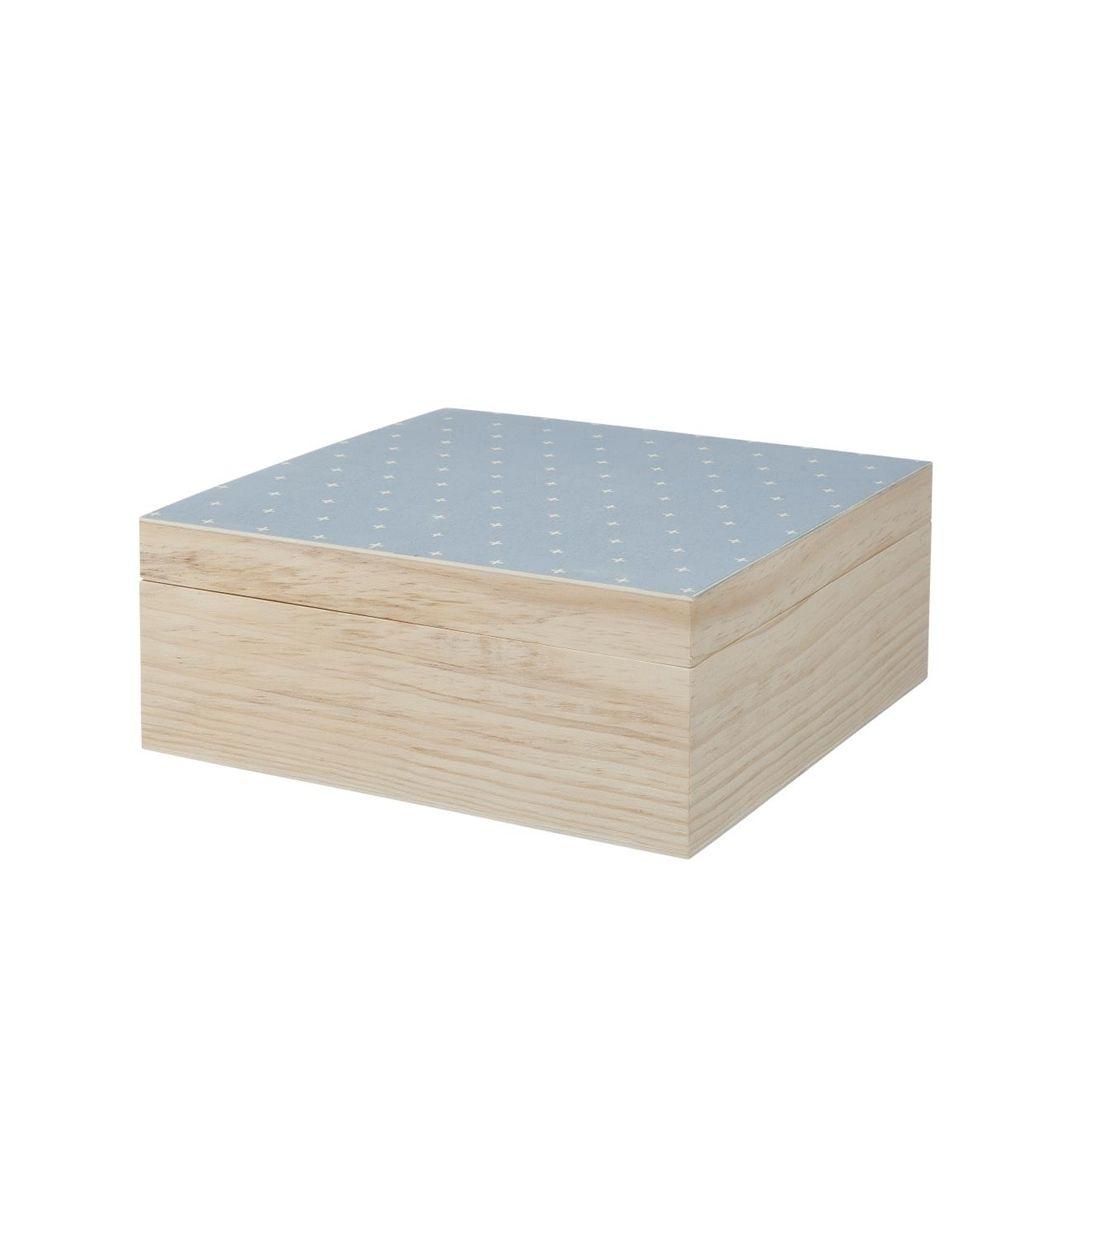 boîte 24,5 x 24,5 x 10 cm - HEMA